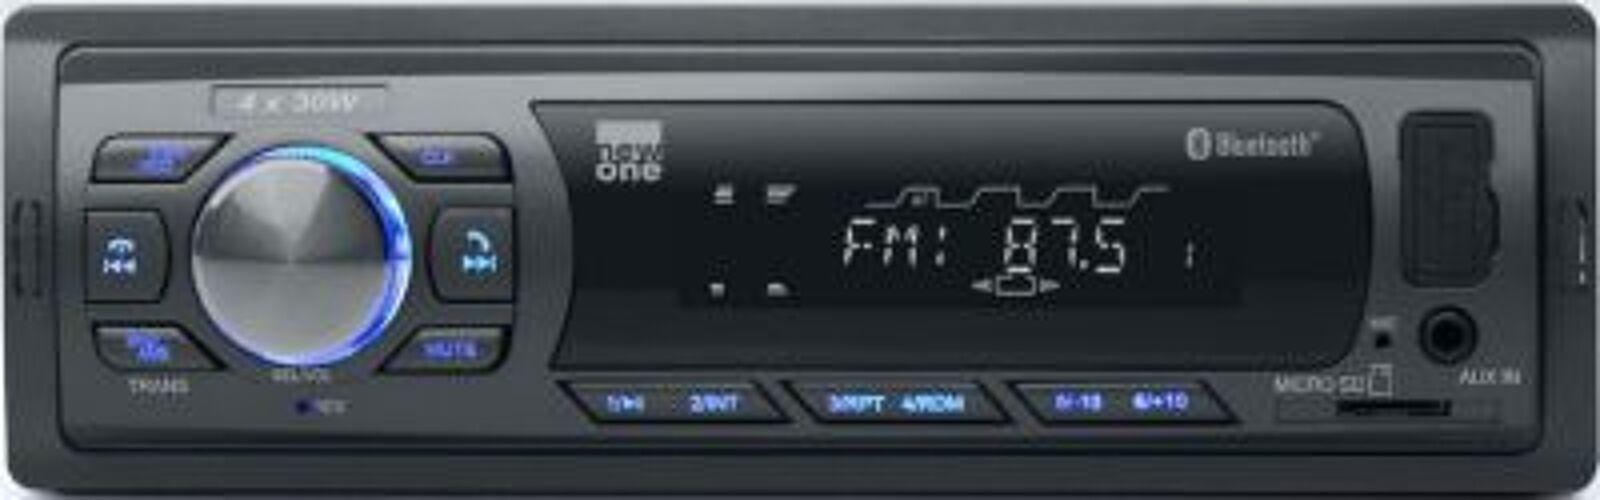 Newone Auto-Radio NEWONE AR-375 BT